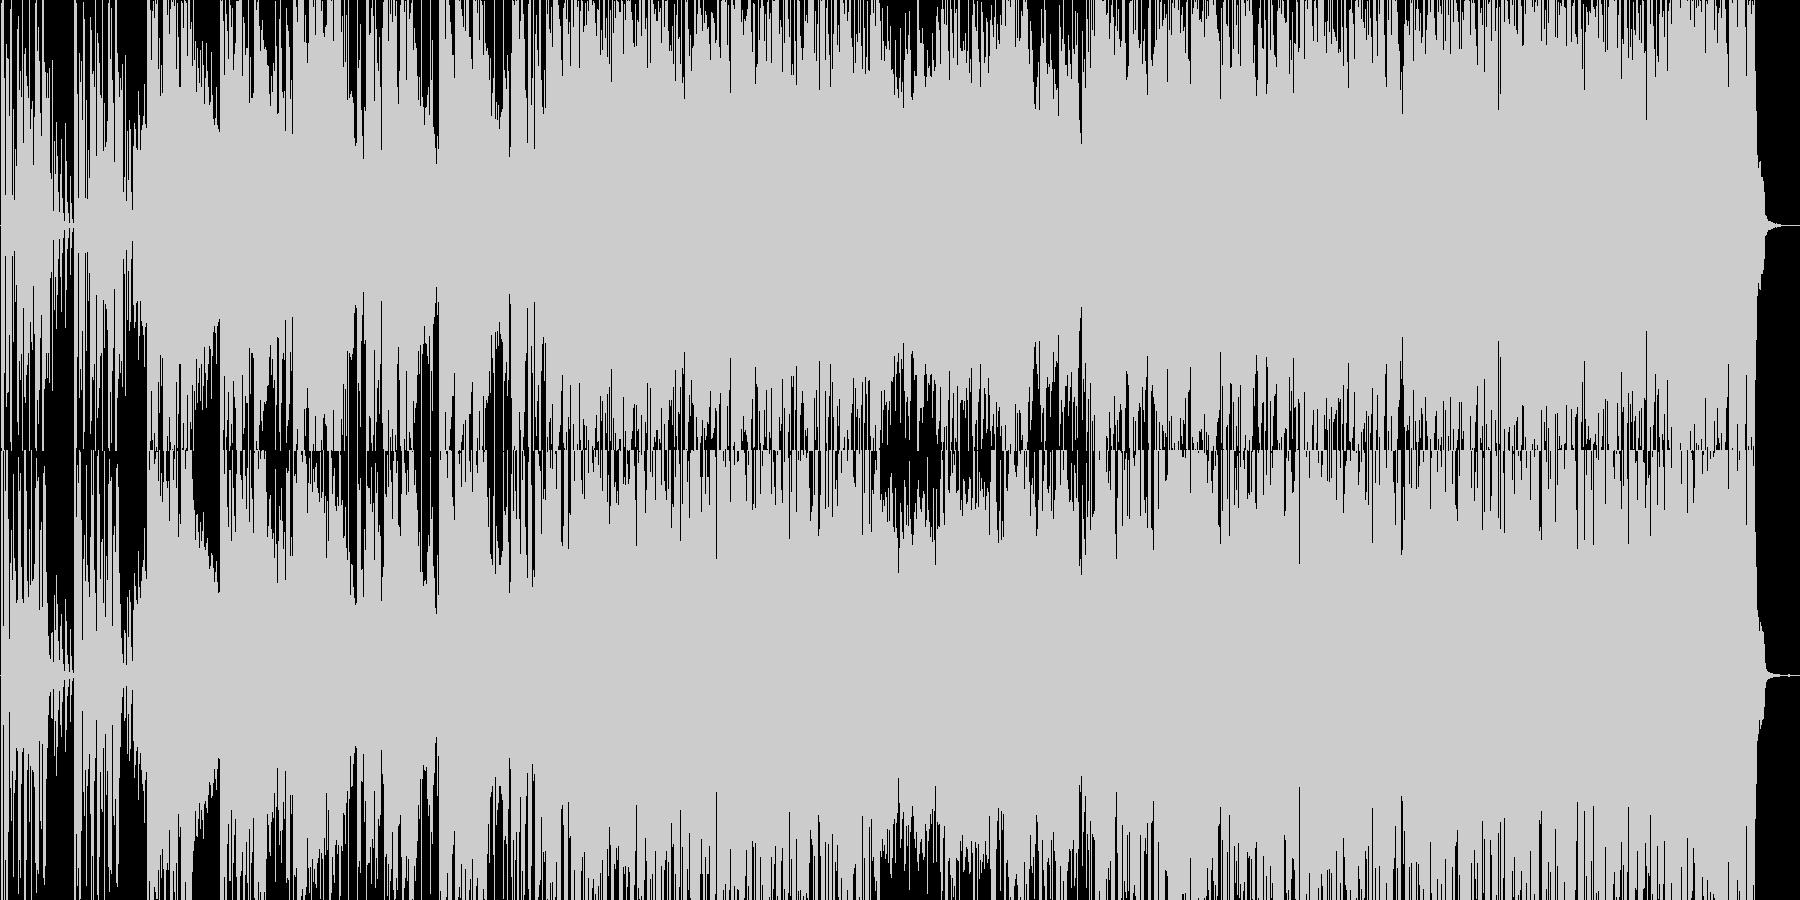 クラヴィネットを使った曲の未再生の波形